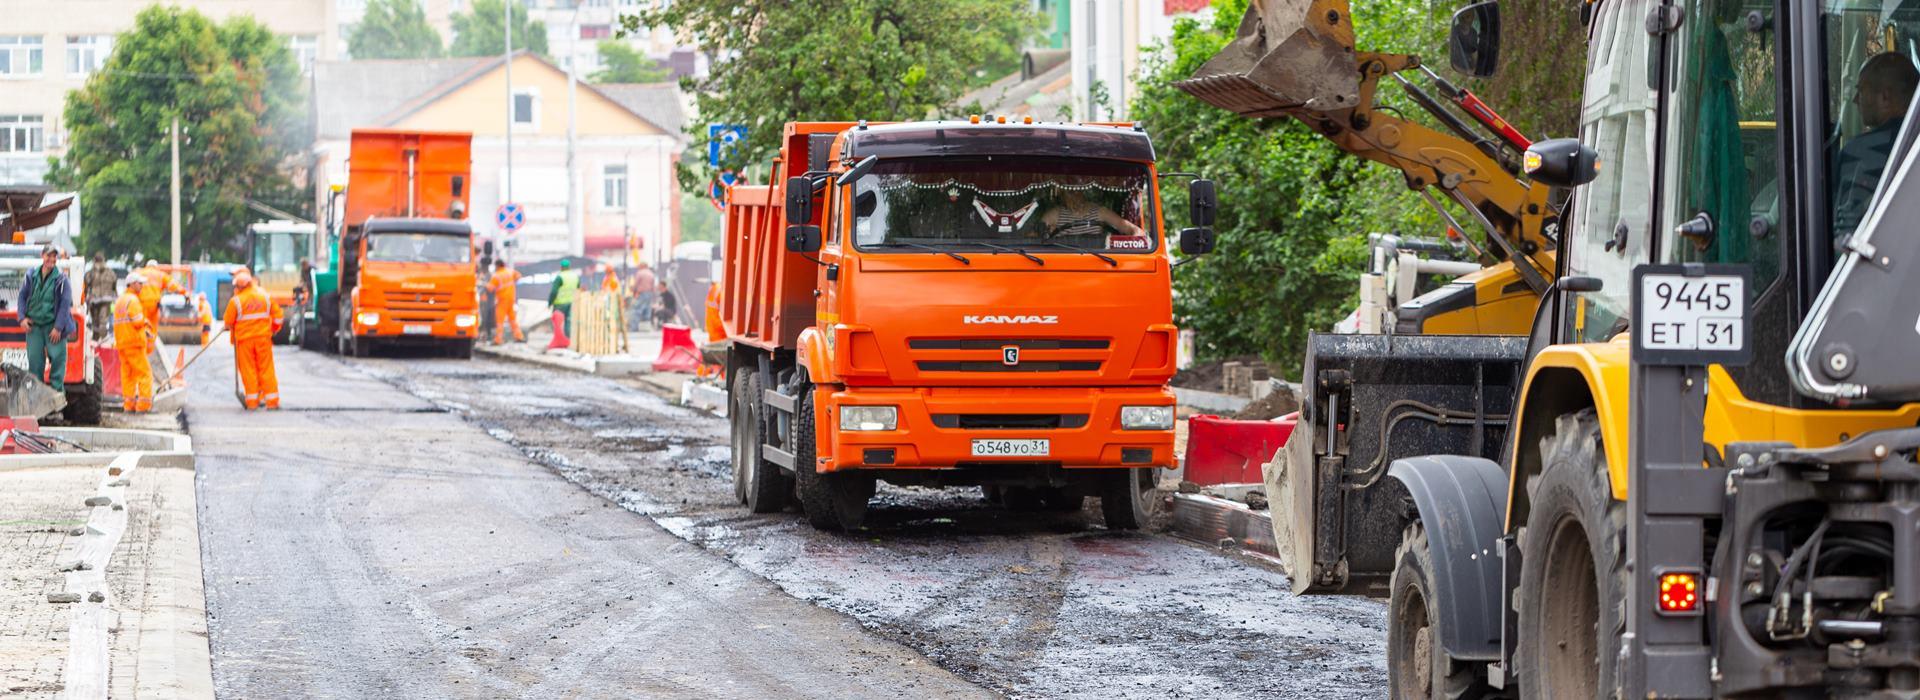 Когда можно проводить дорожные работы: сезонность, погодные условия